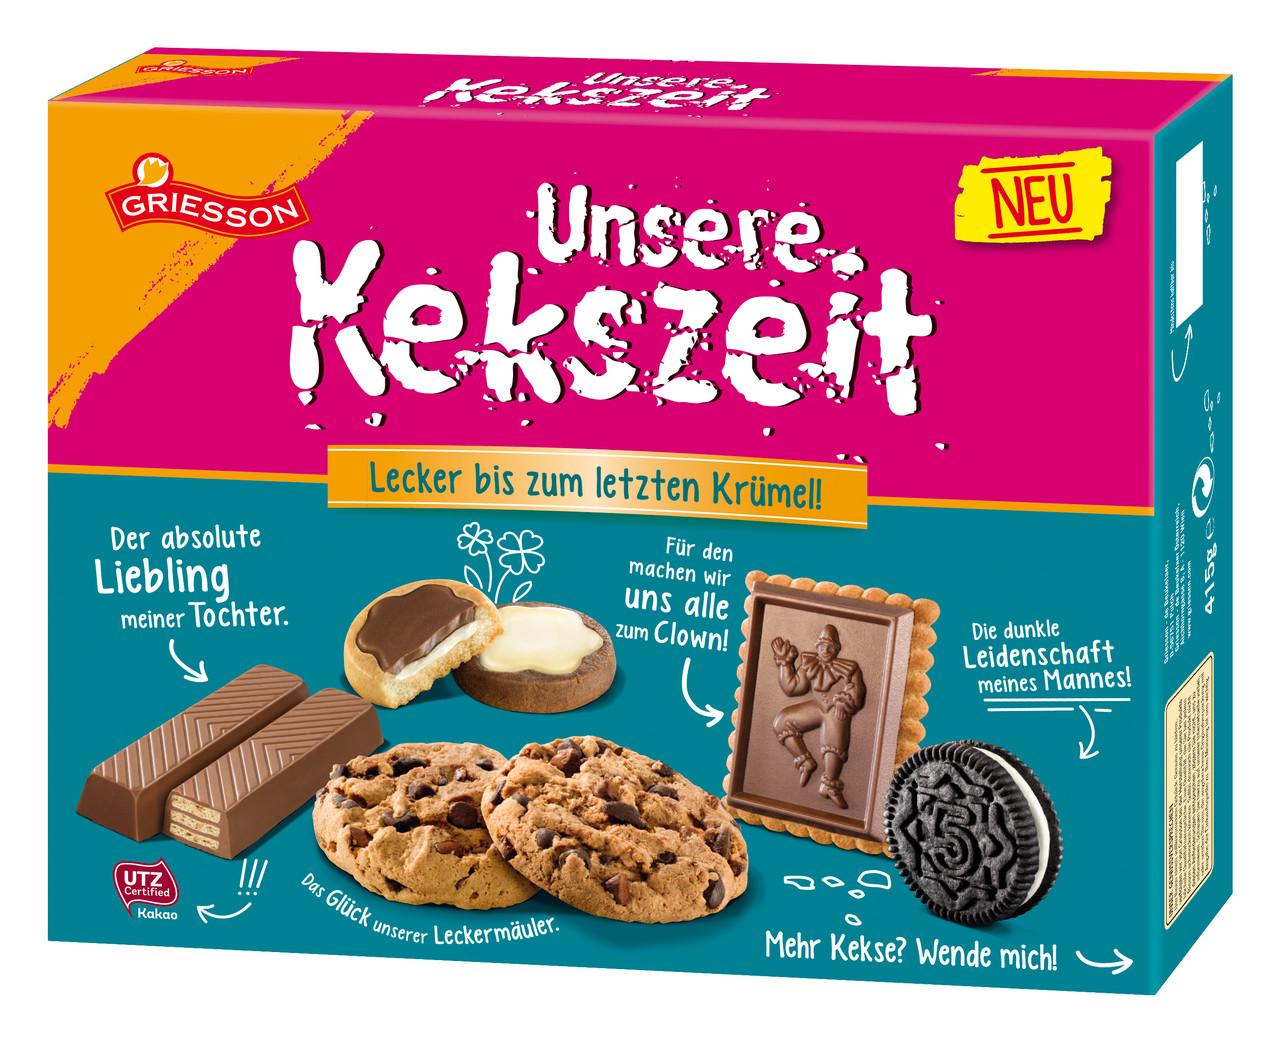 Печенье ассорти в коробке Unsere Kekszeit Griesson, 415 гр